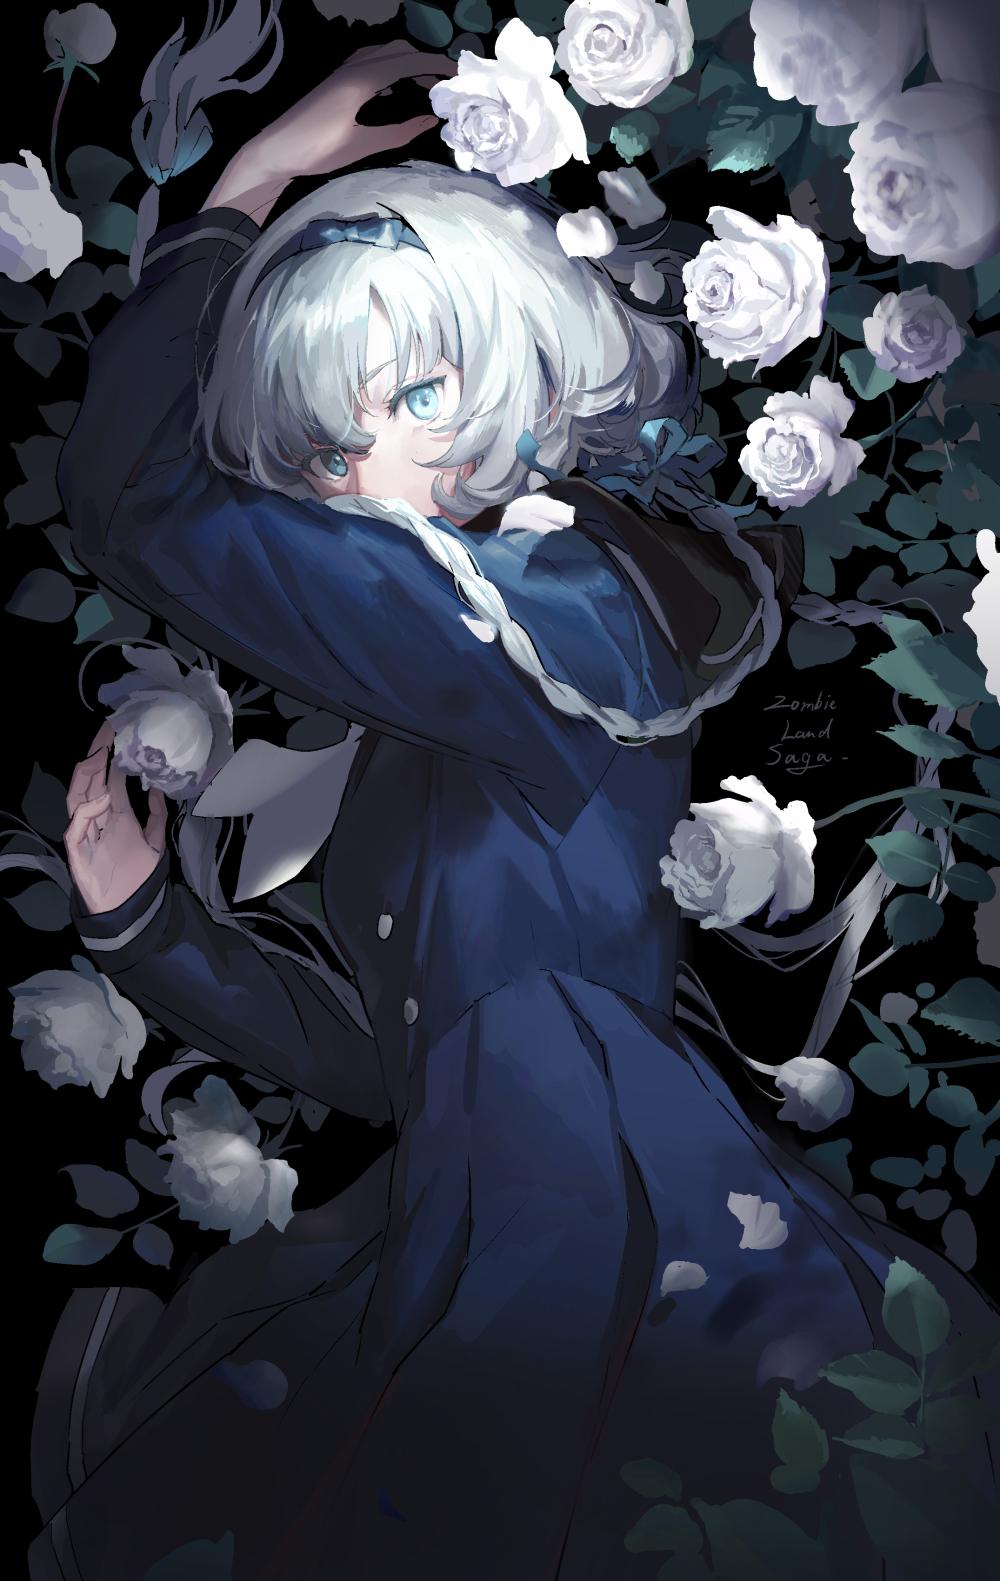 Zombieland Saga White Rose Blue Eyes Anime Braided Hair Silver Hair Solo Blue Dress Sailor Uniform B 1000x1581